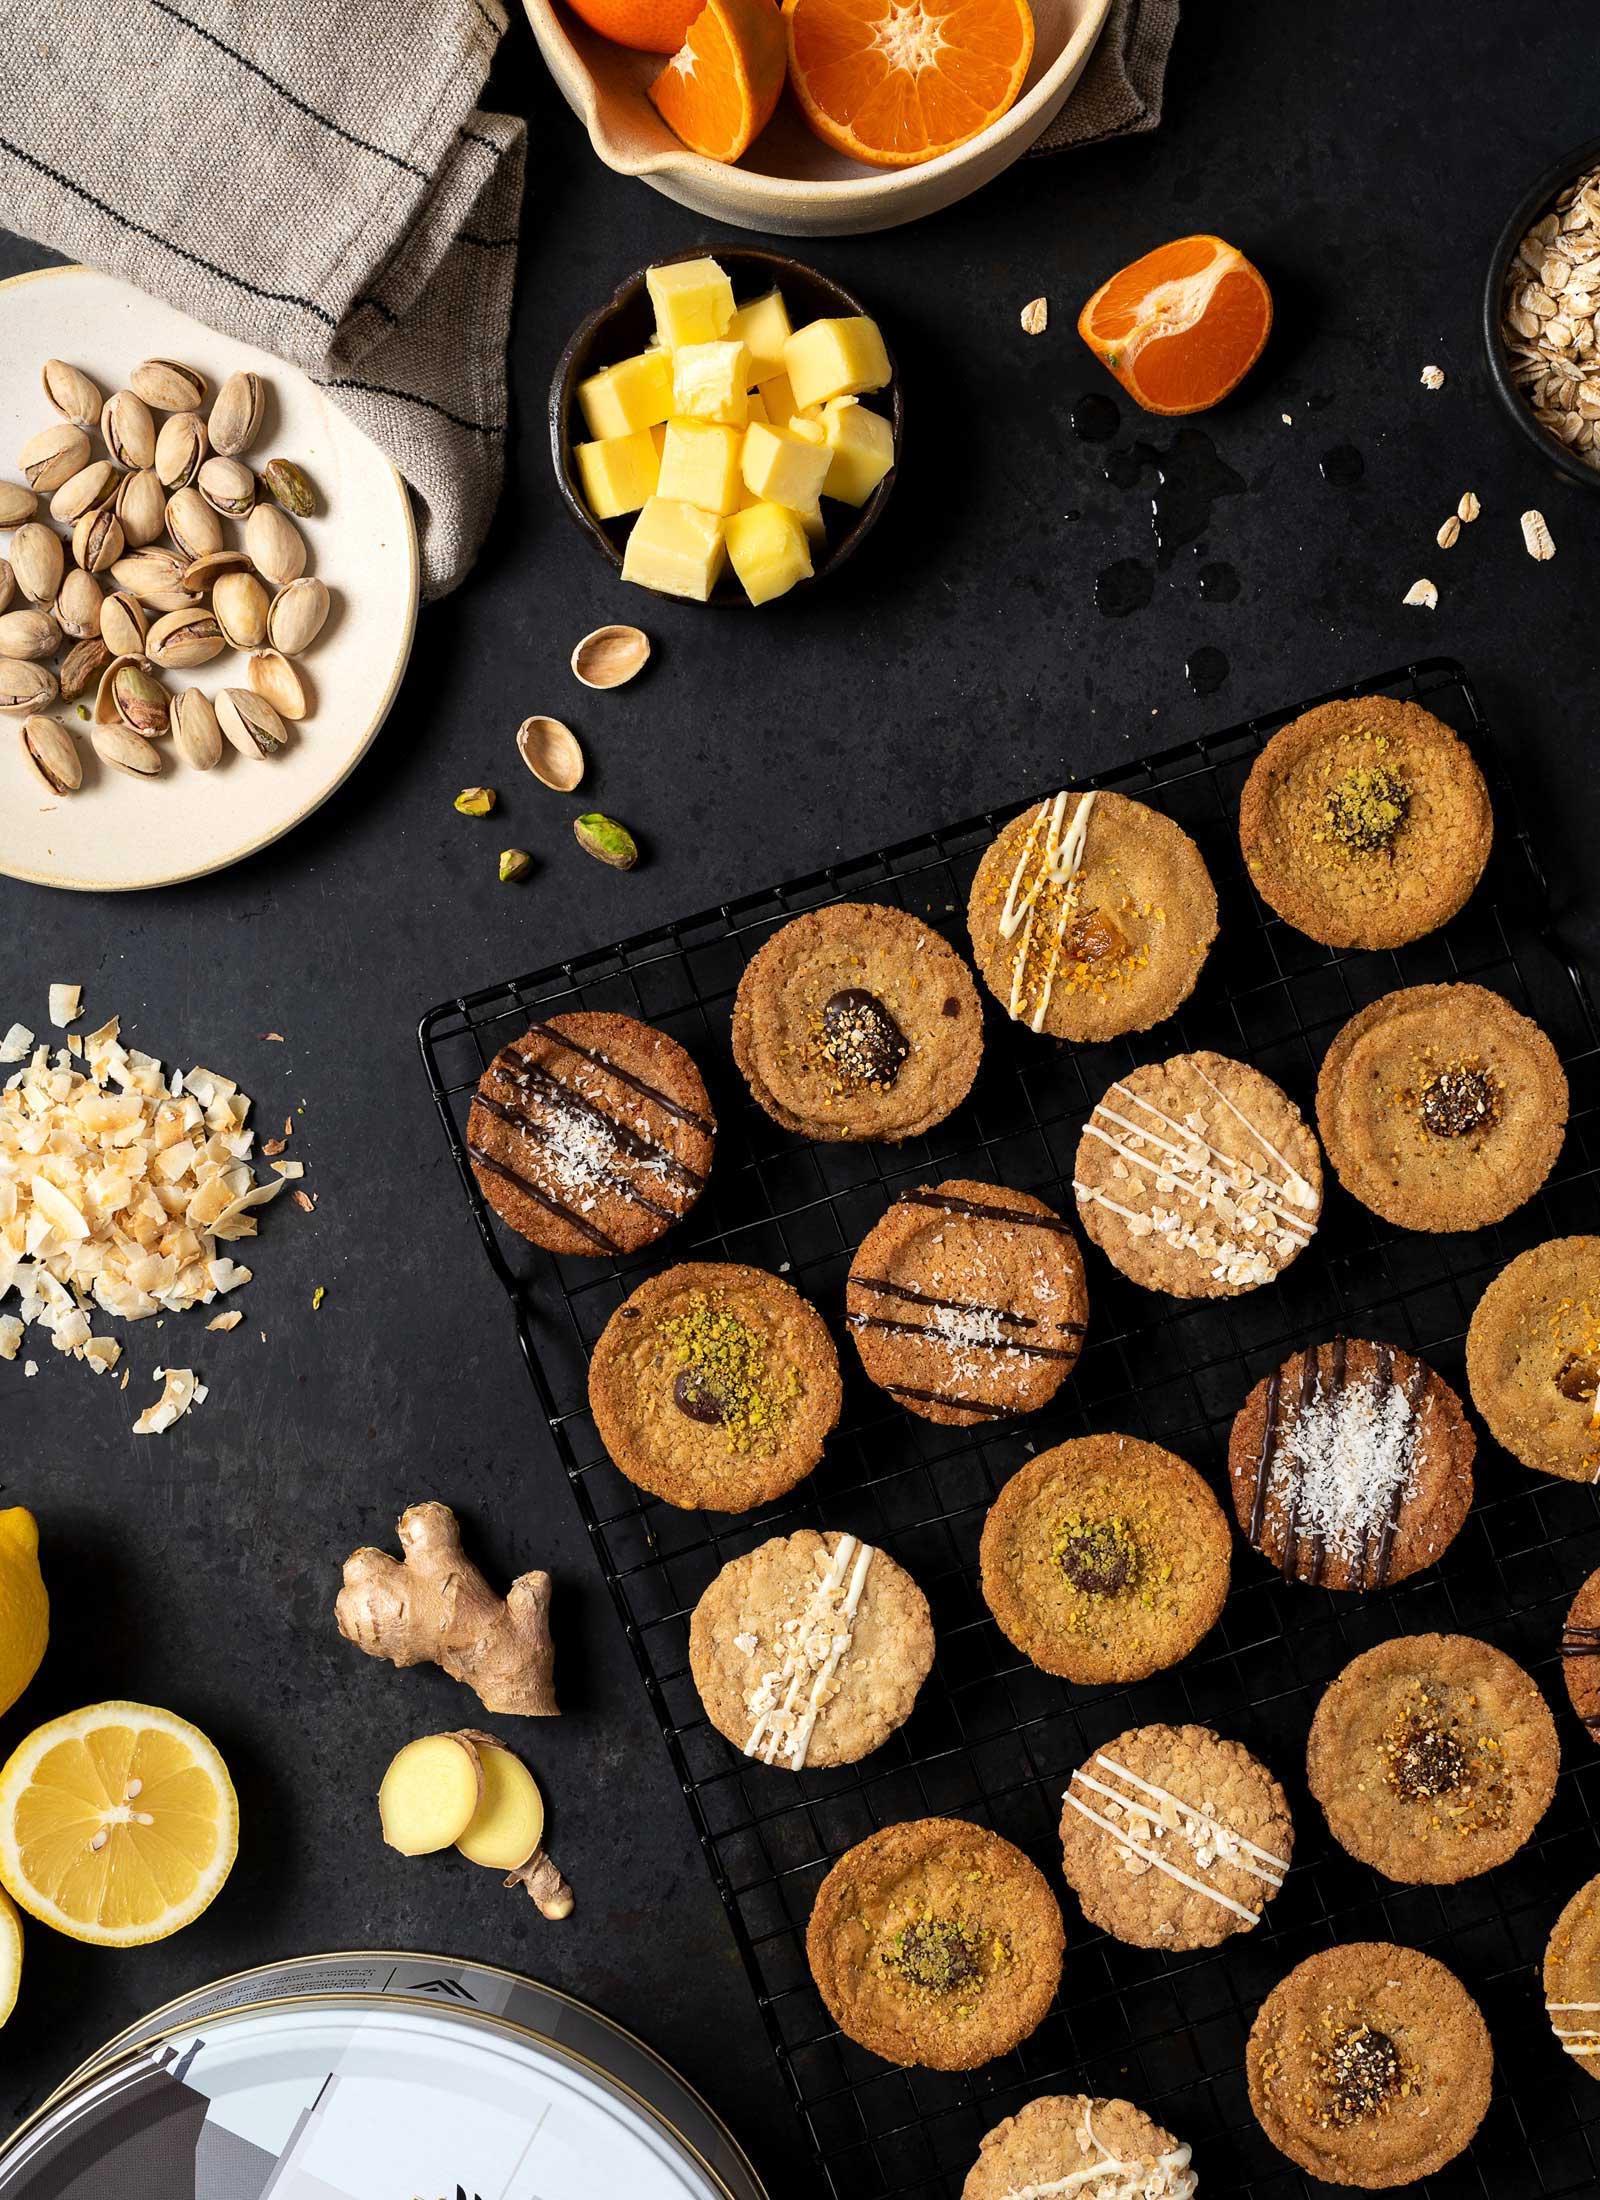 galletas-variedad-varsovienne-estudio-como